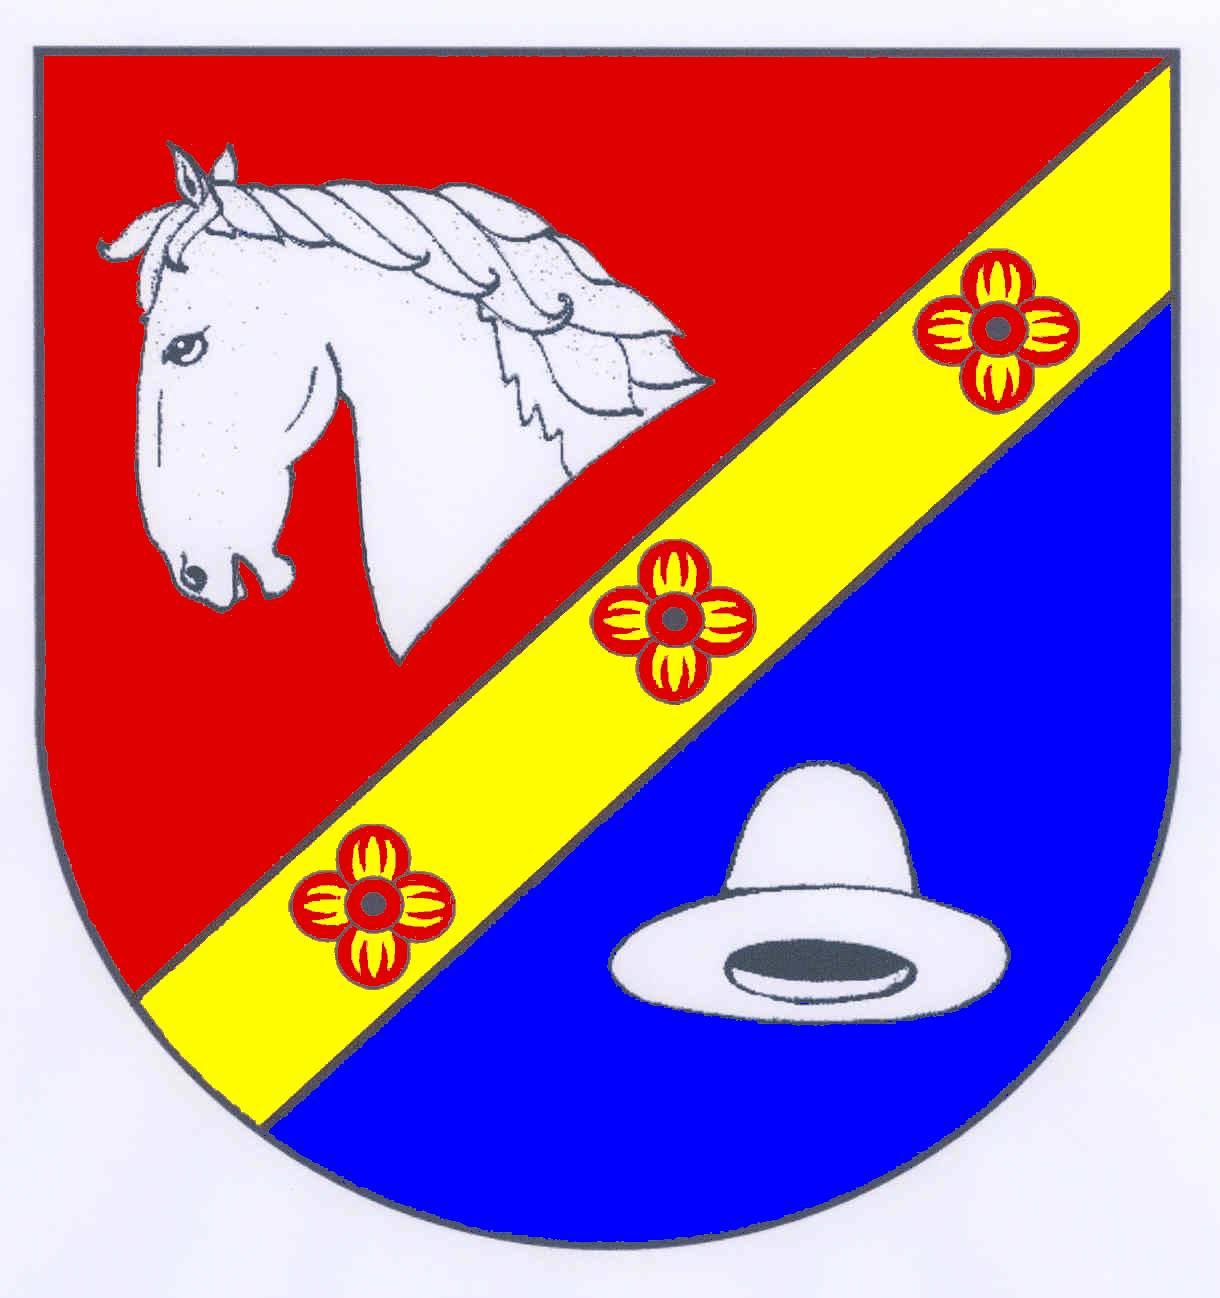 Wappen GemeindeHattstedt, Kreis Nordfriesland